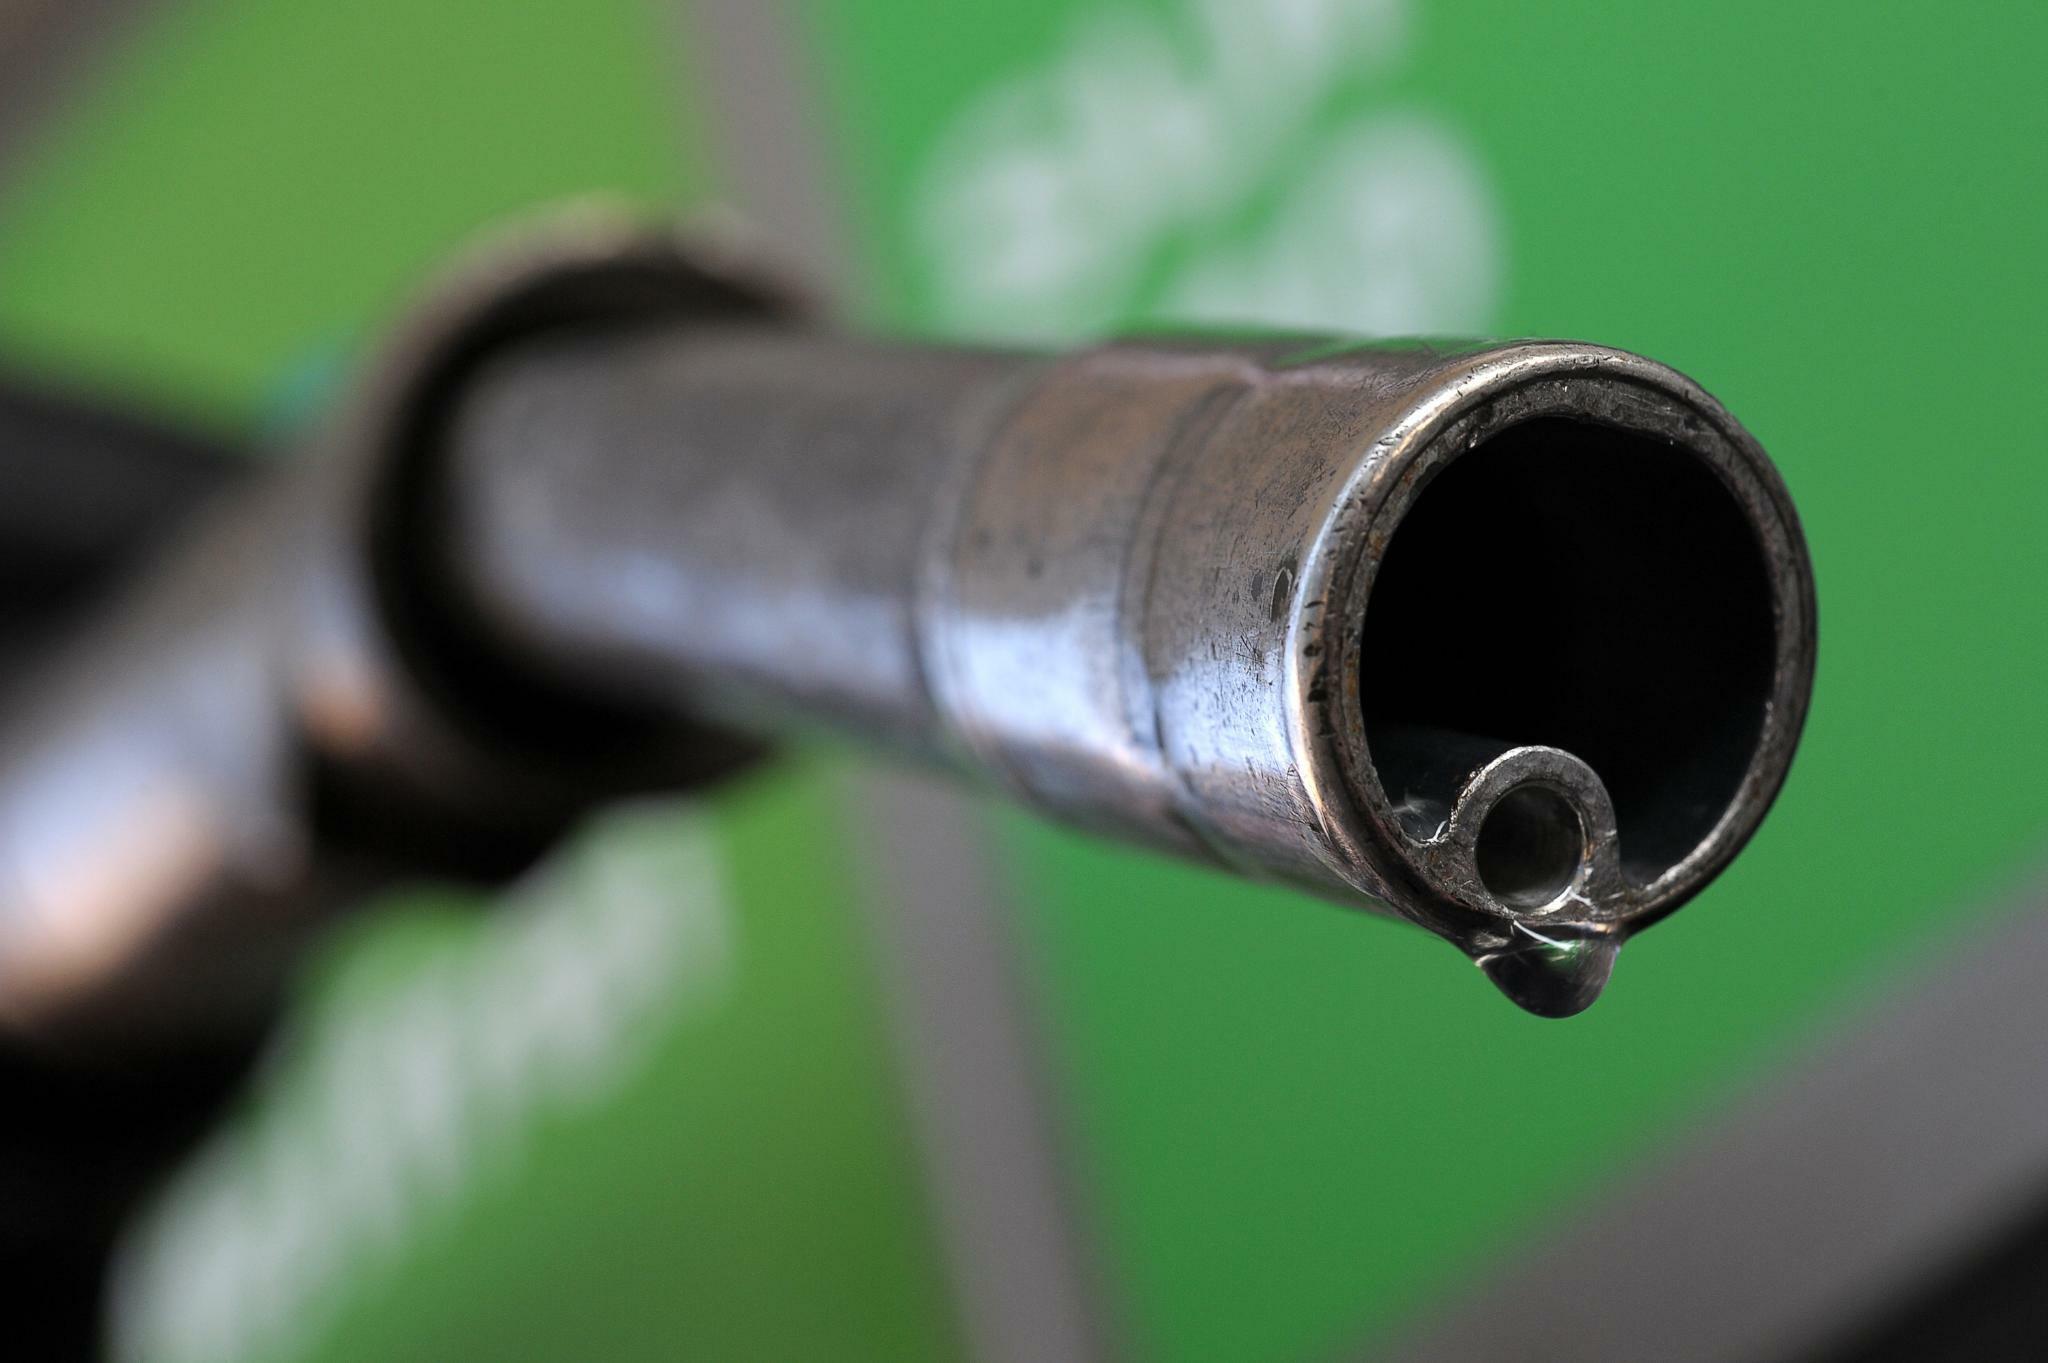 Regierung beschließt Regeln für CO2-Preis auf Sprit und Heizöl